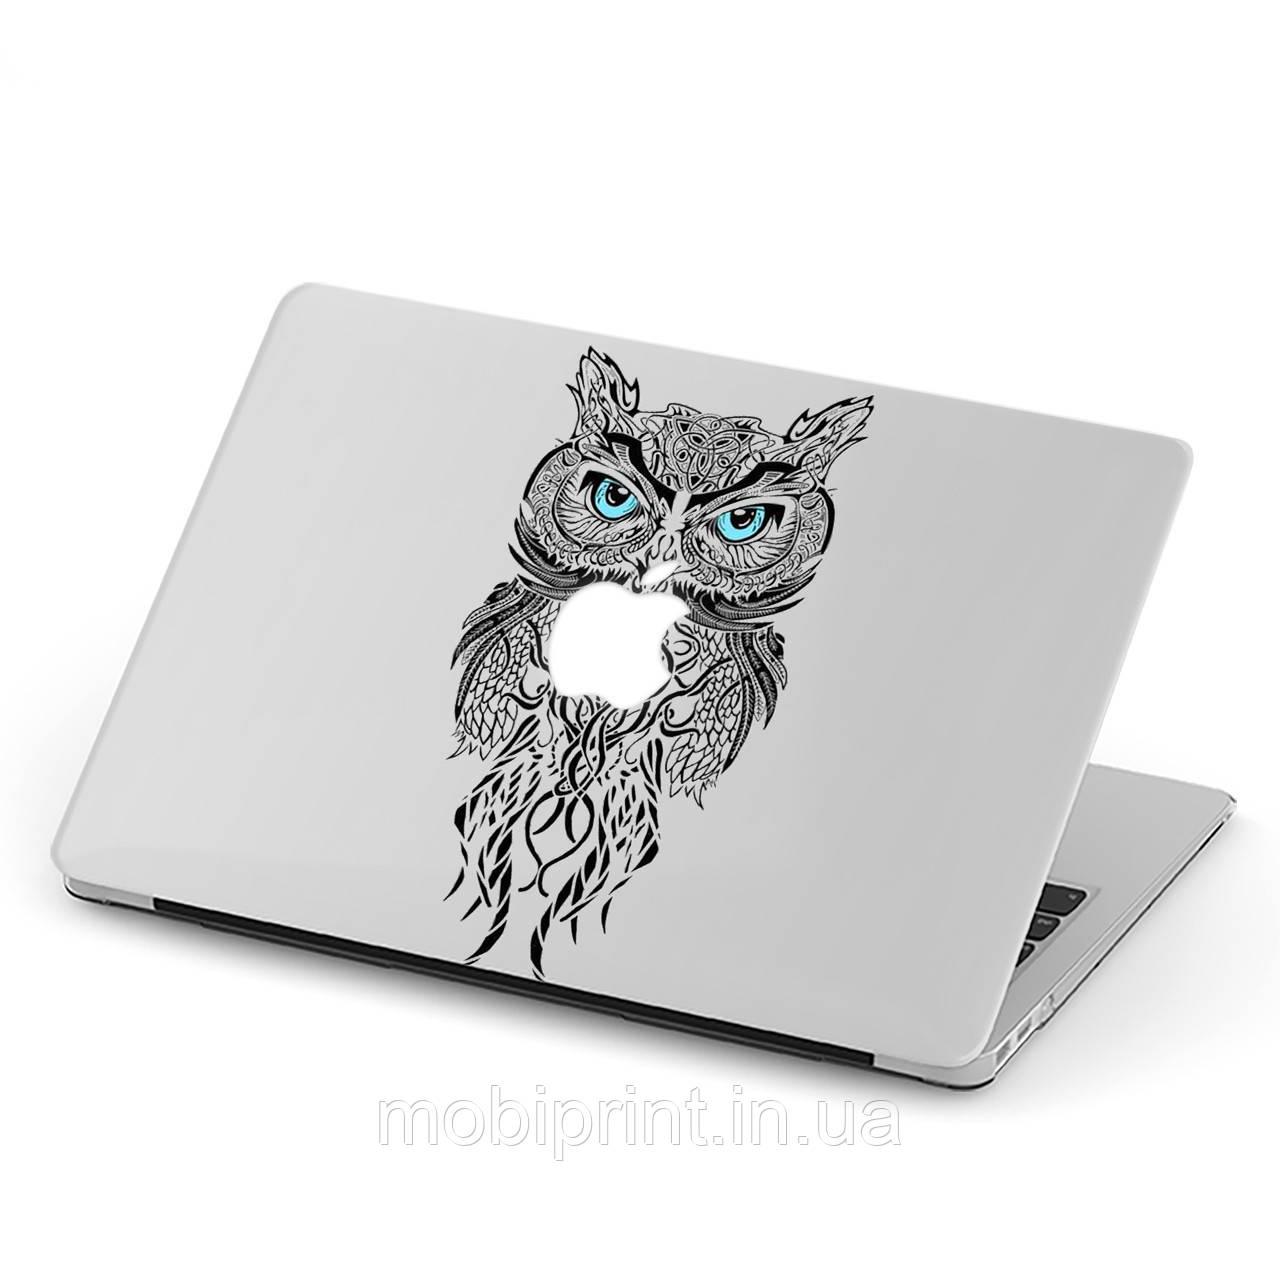 Чехол пластиковый для Apple MacBook Pro / Air Сова (Owl) макбук про case hard cover